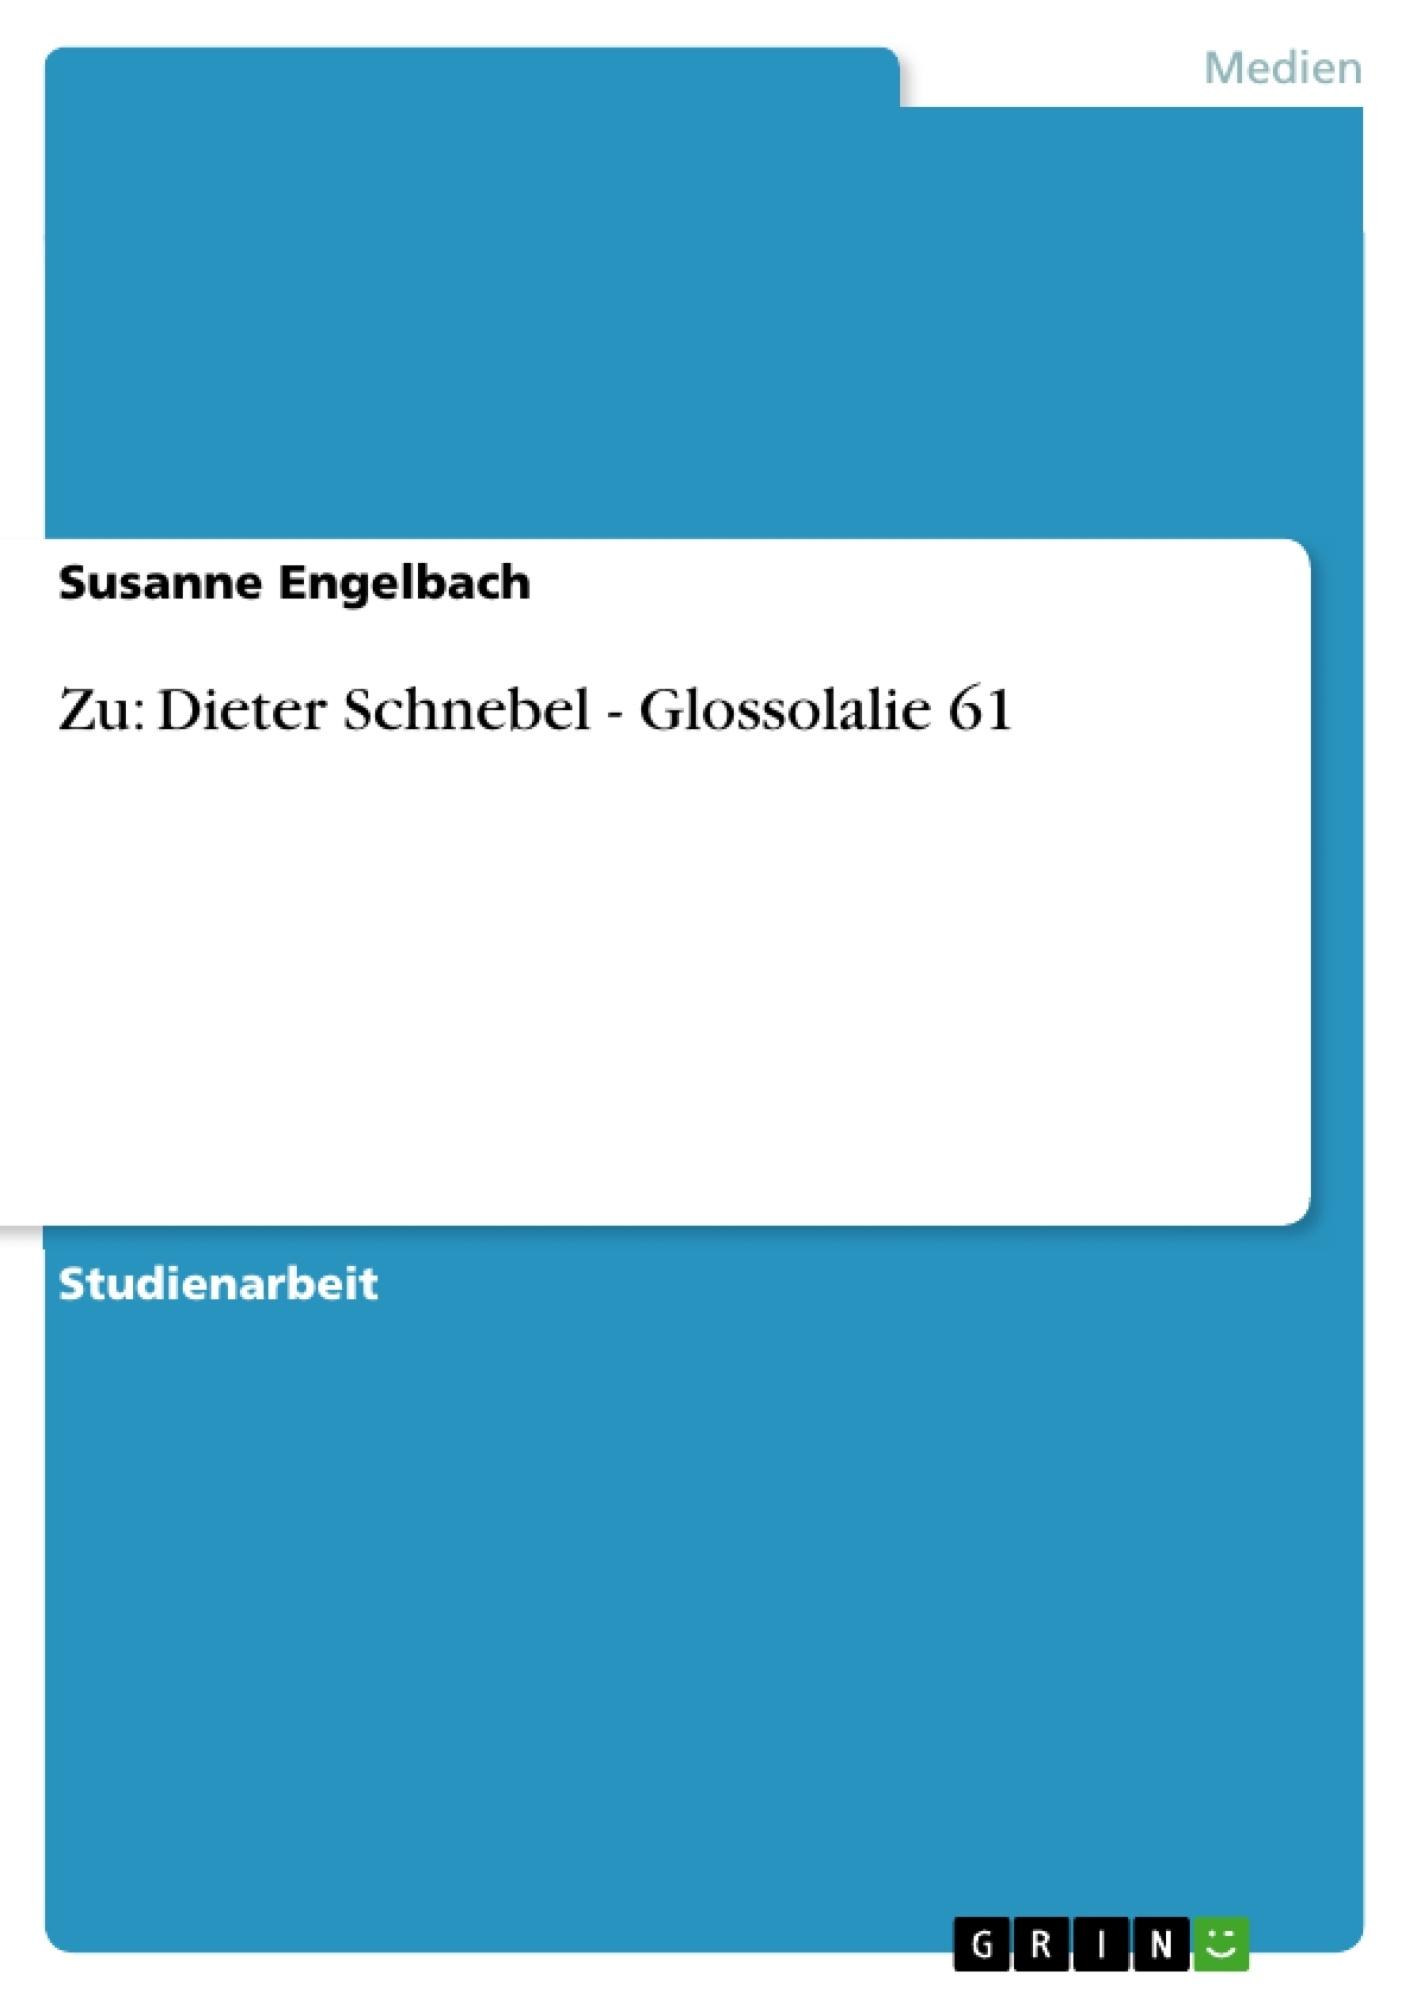 Titel: Zu: Dieter Schnebel - Glossolalie 61